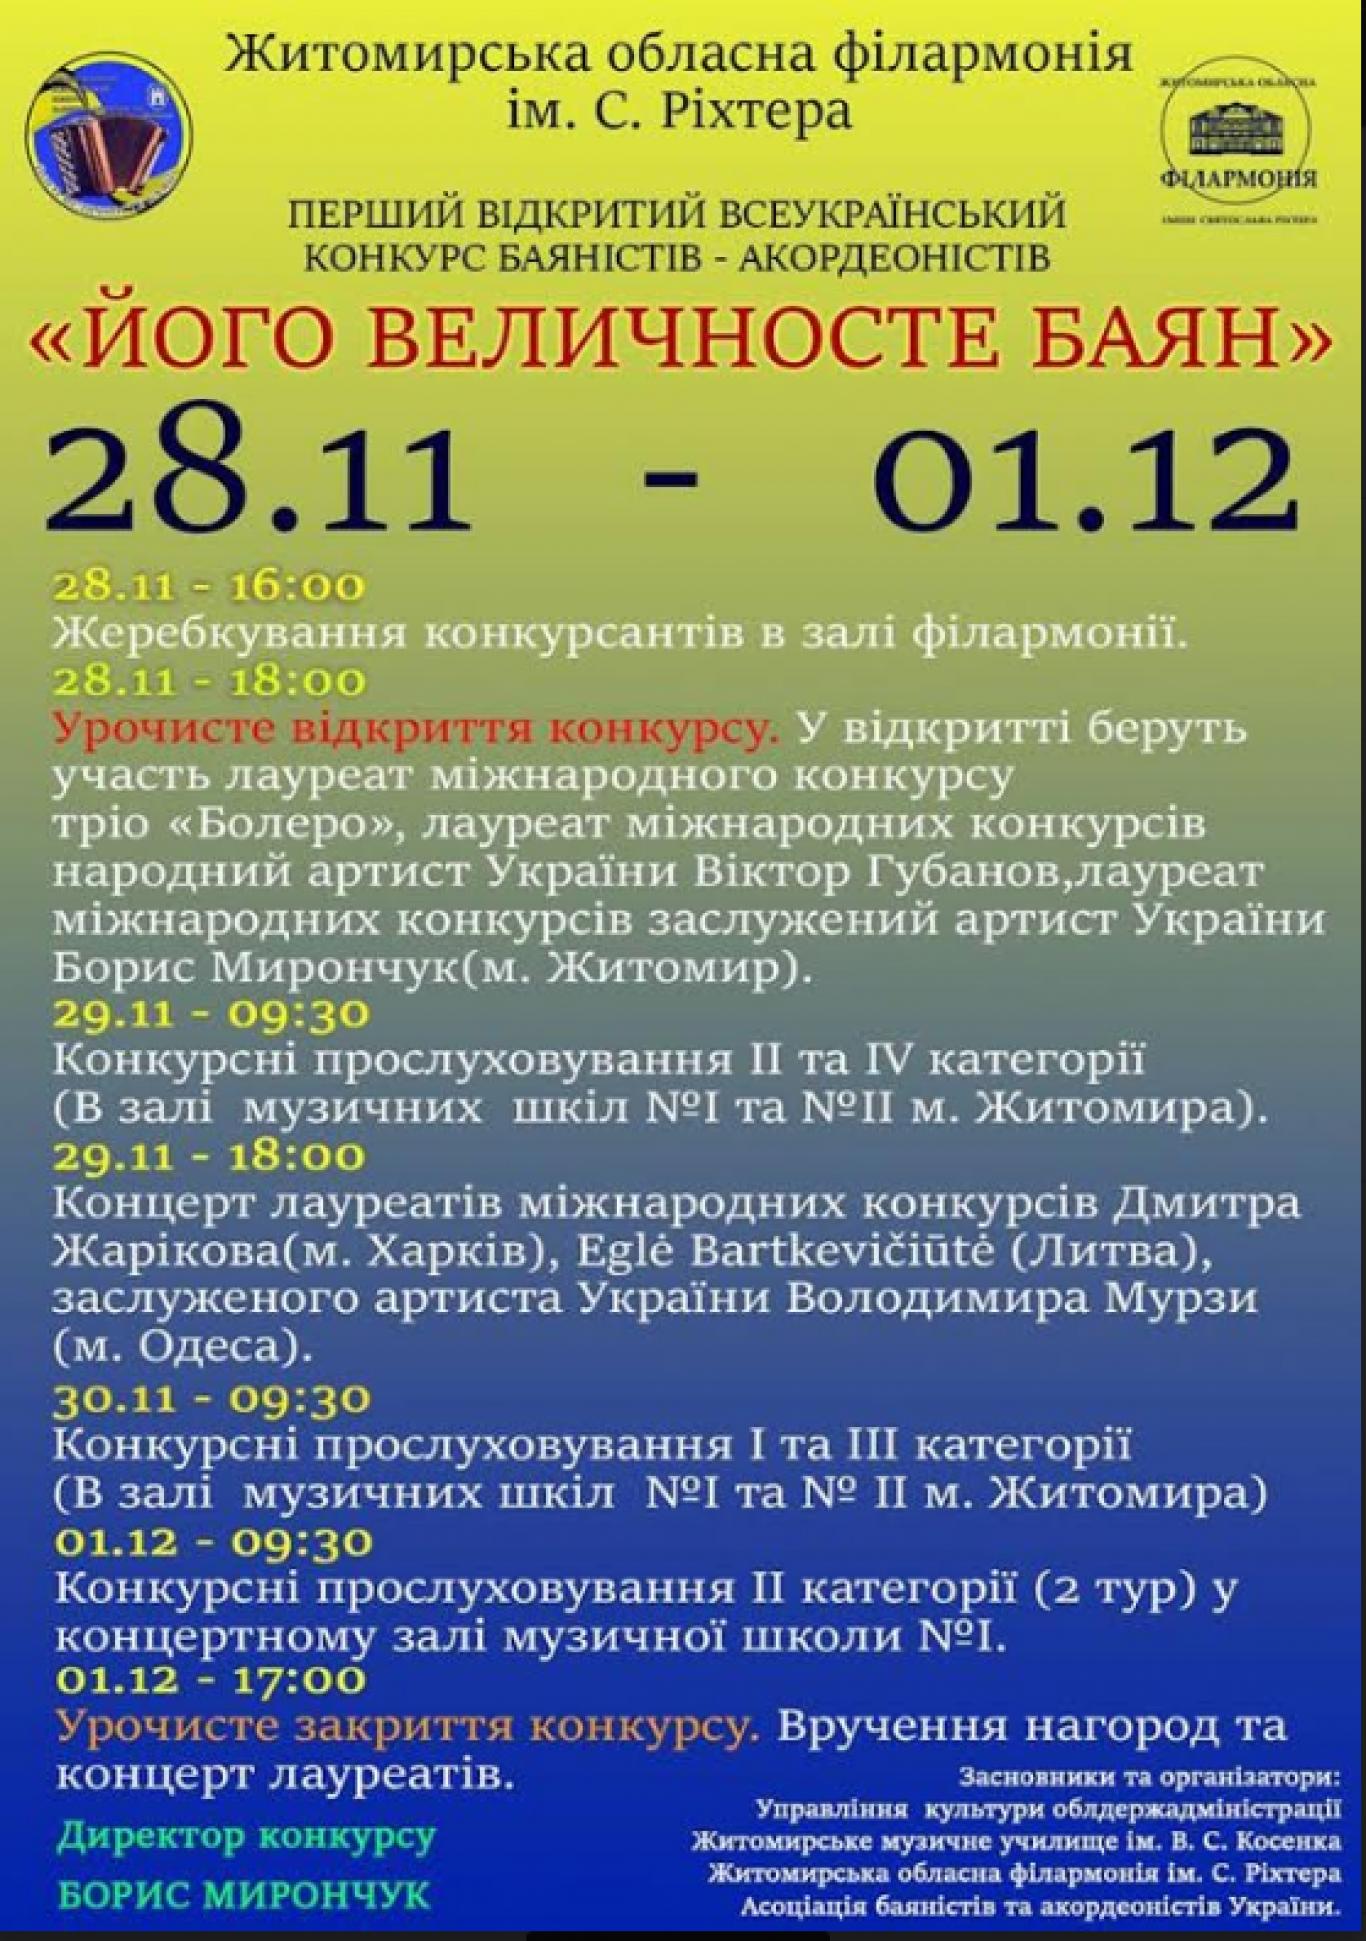 Перший відкритий всеукраїнський конкурс баяністів-акордеоністів